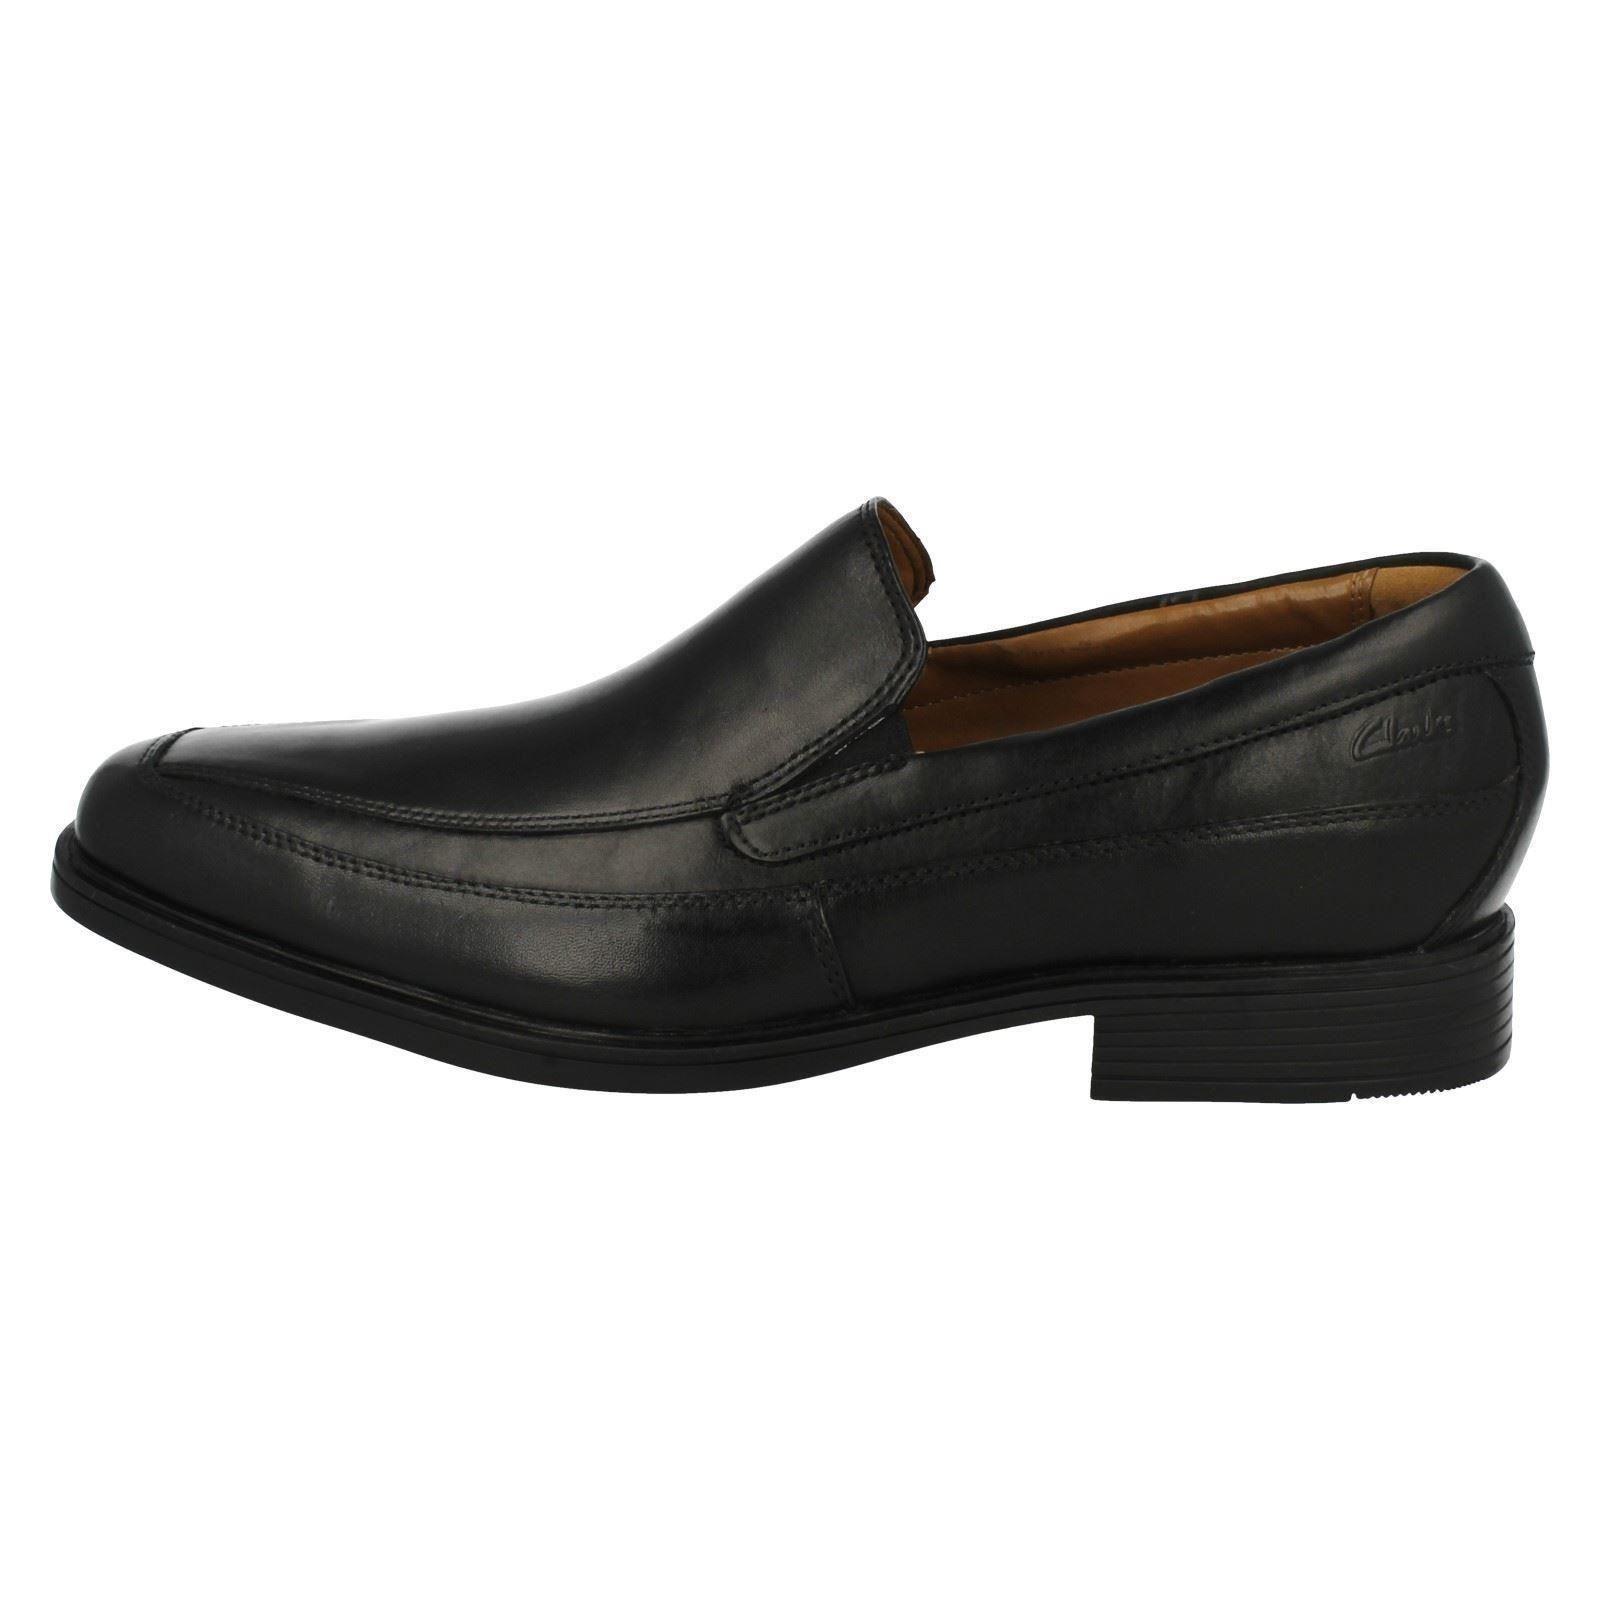 Herren Clarks Slip On Schuhes Schuhes Schuhes Tilden Free 8ddfe1